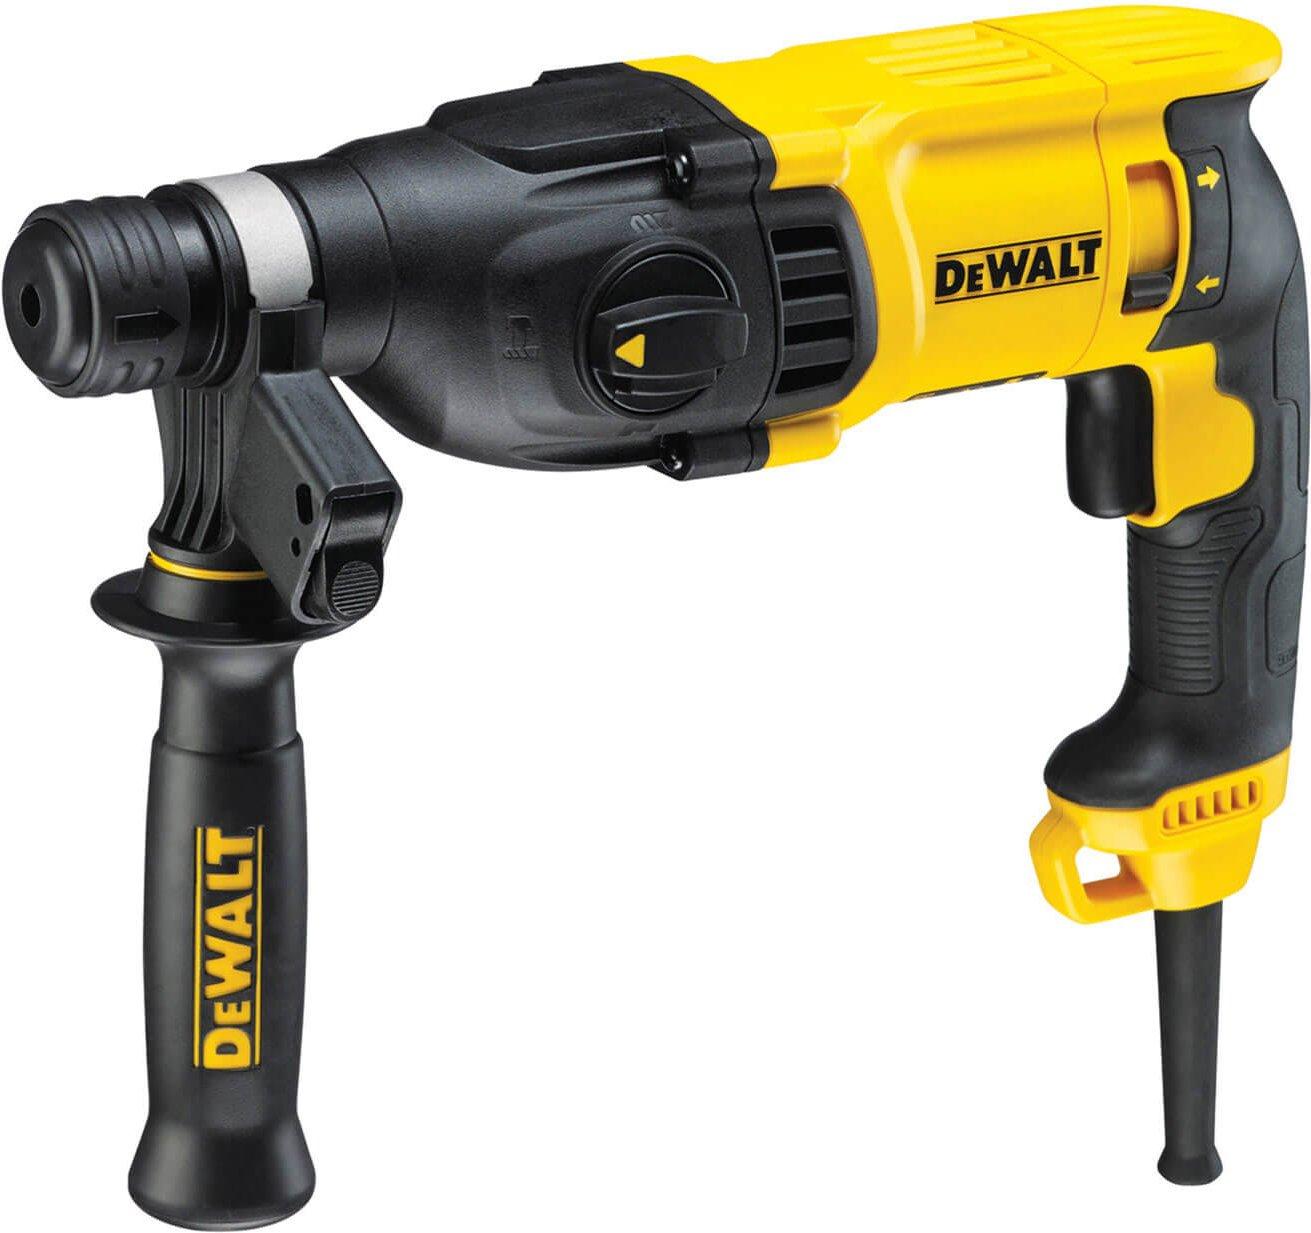 DeWalt D25133K SDS Plus 3 Mode Hammer Drill 240v